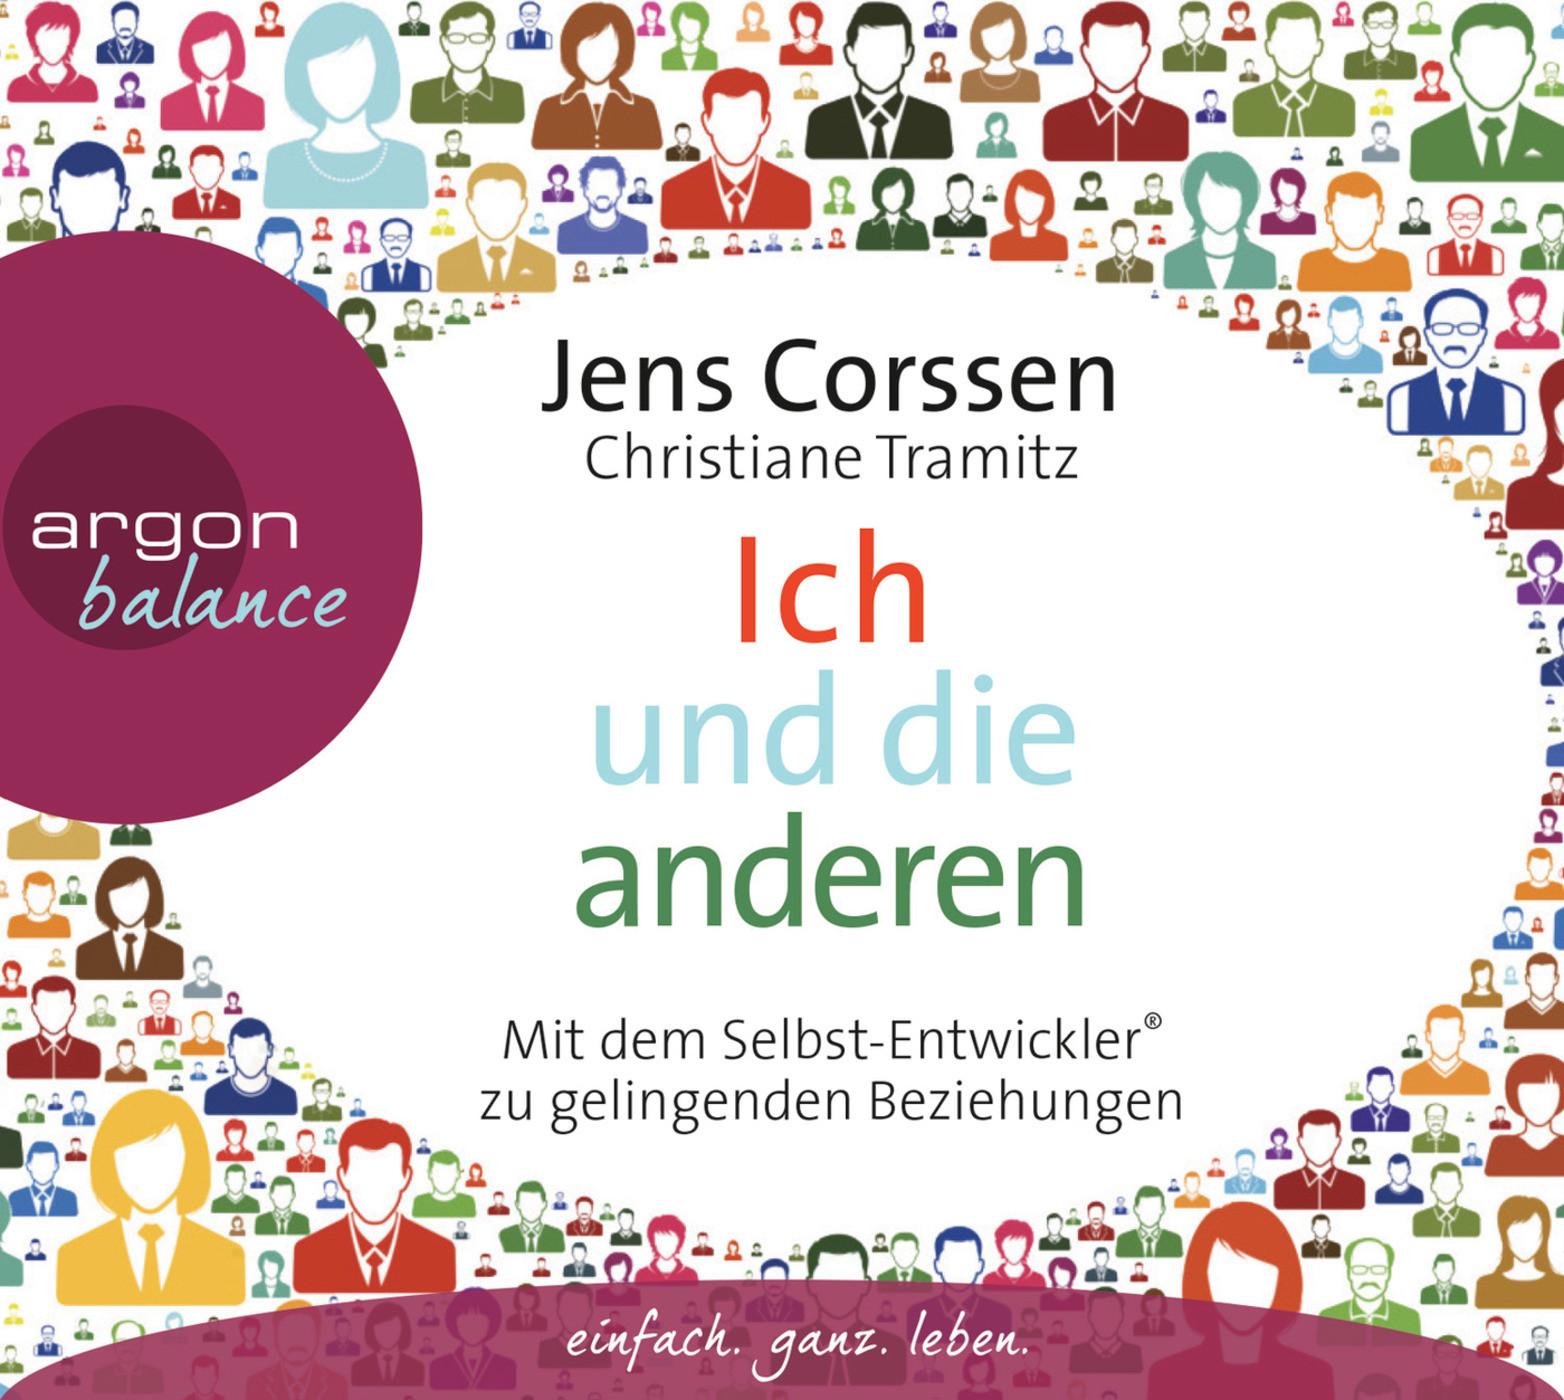 Jens Corssen, Christiane Tramitz - Ich und die anderen